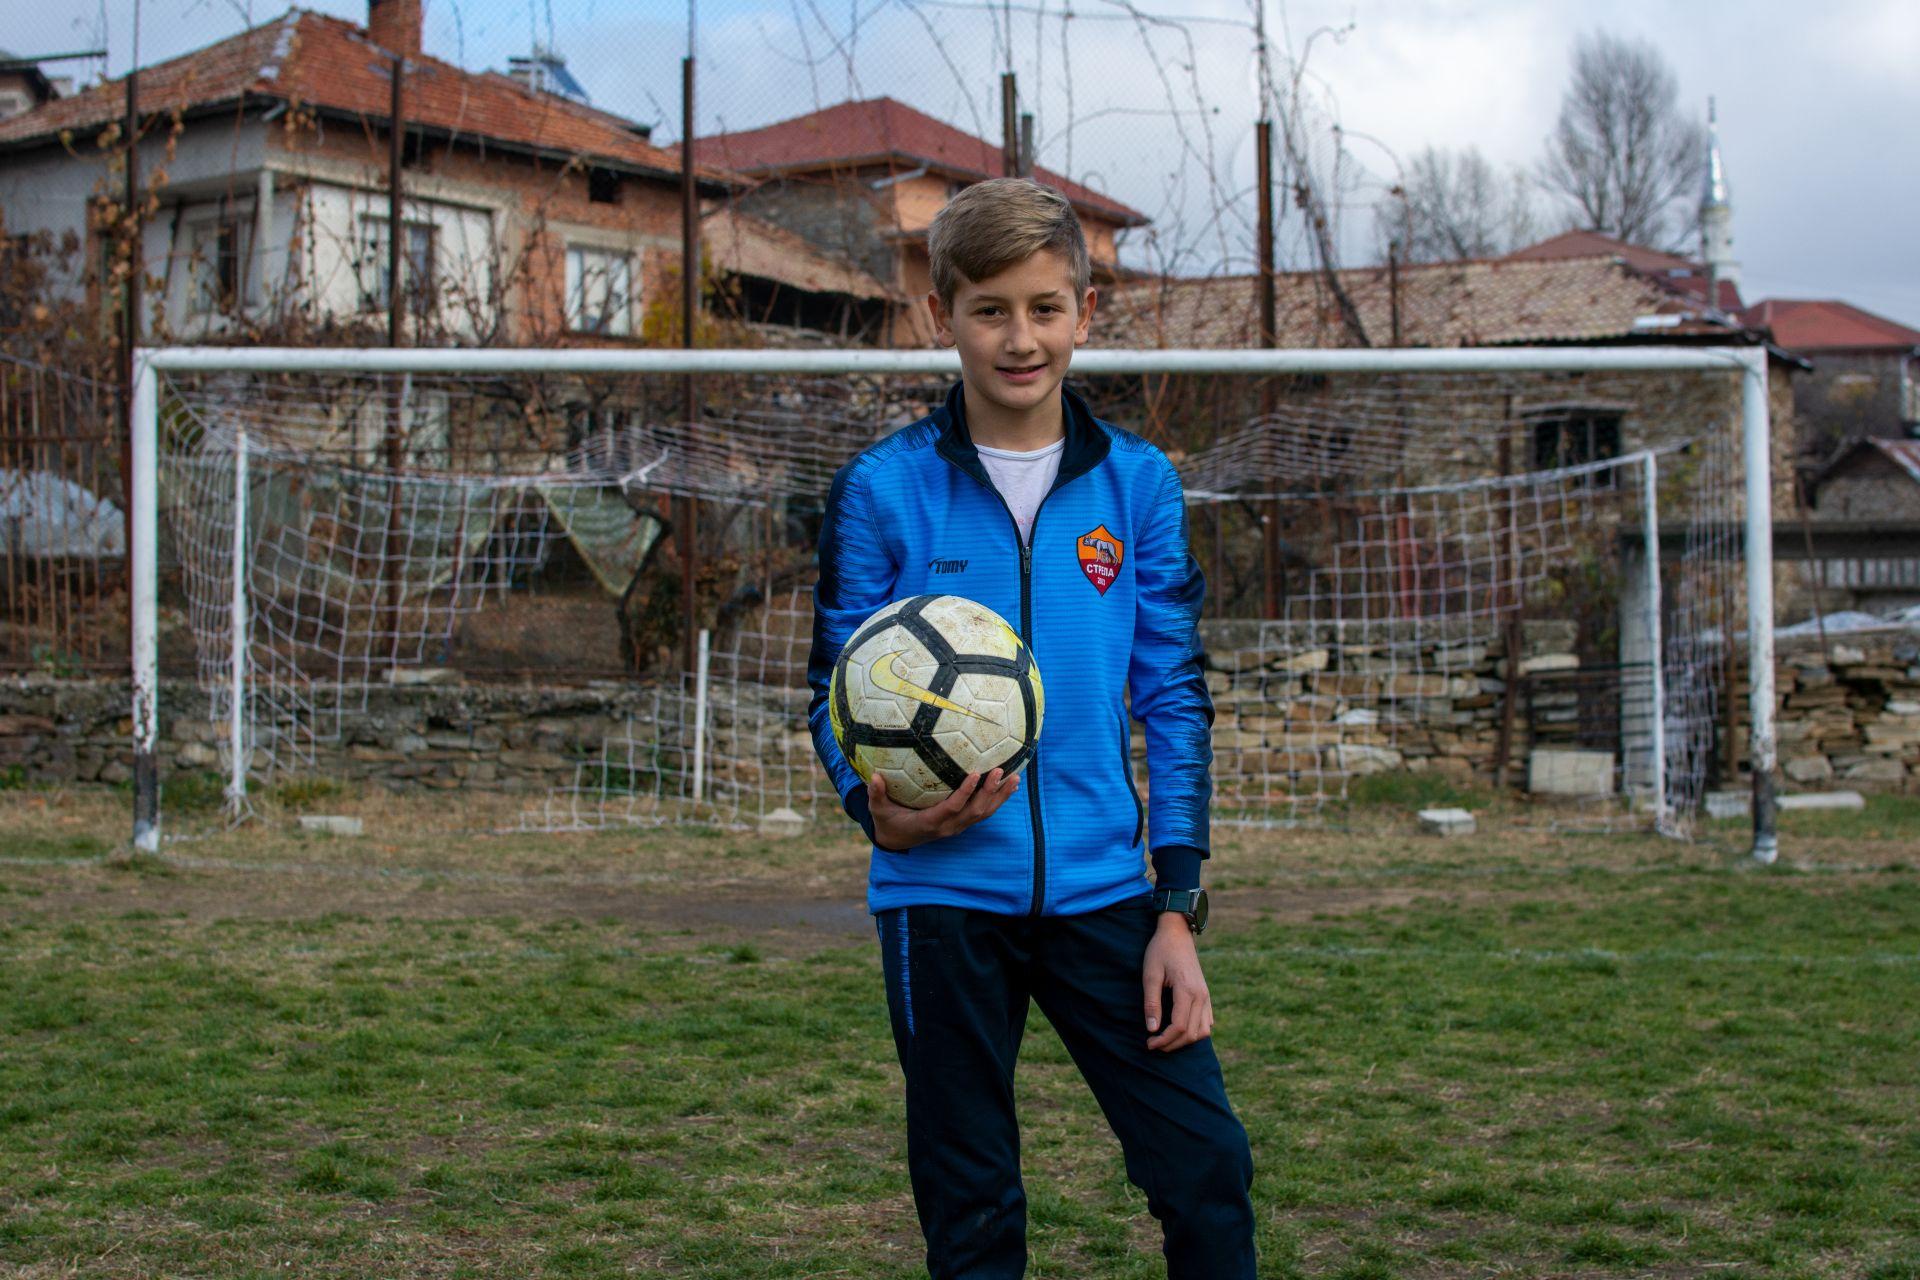 Румен Синанов - големият талант на Вълкосел. Изпъква независимо че играе с момчета, които са с три години по-големи от него